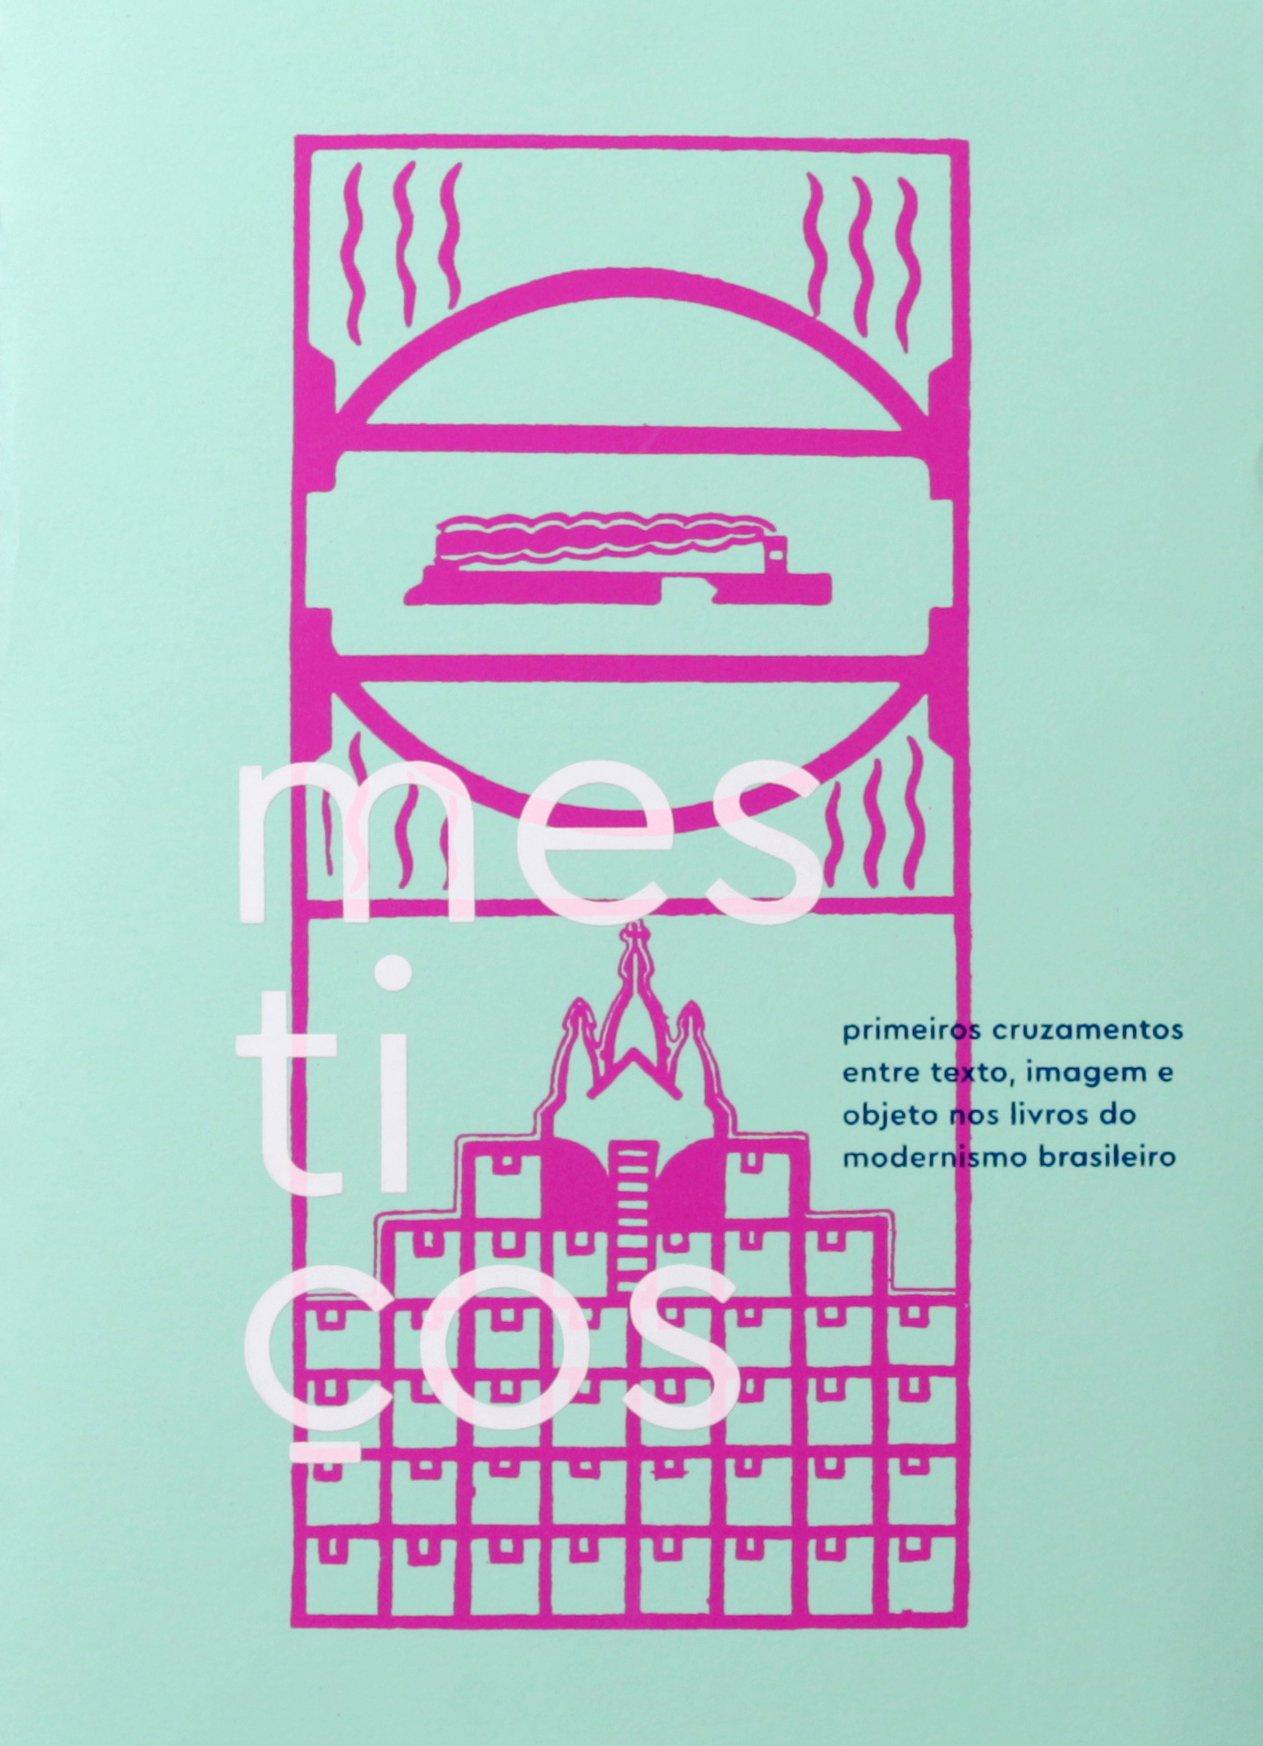 Mestiços: primeiros cruzamentos entre texto, imagem e objeto nos livros do modernismo brasileiro, livro de Gustavo Piqueira